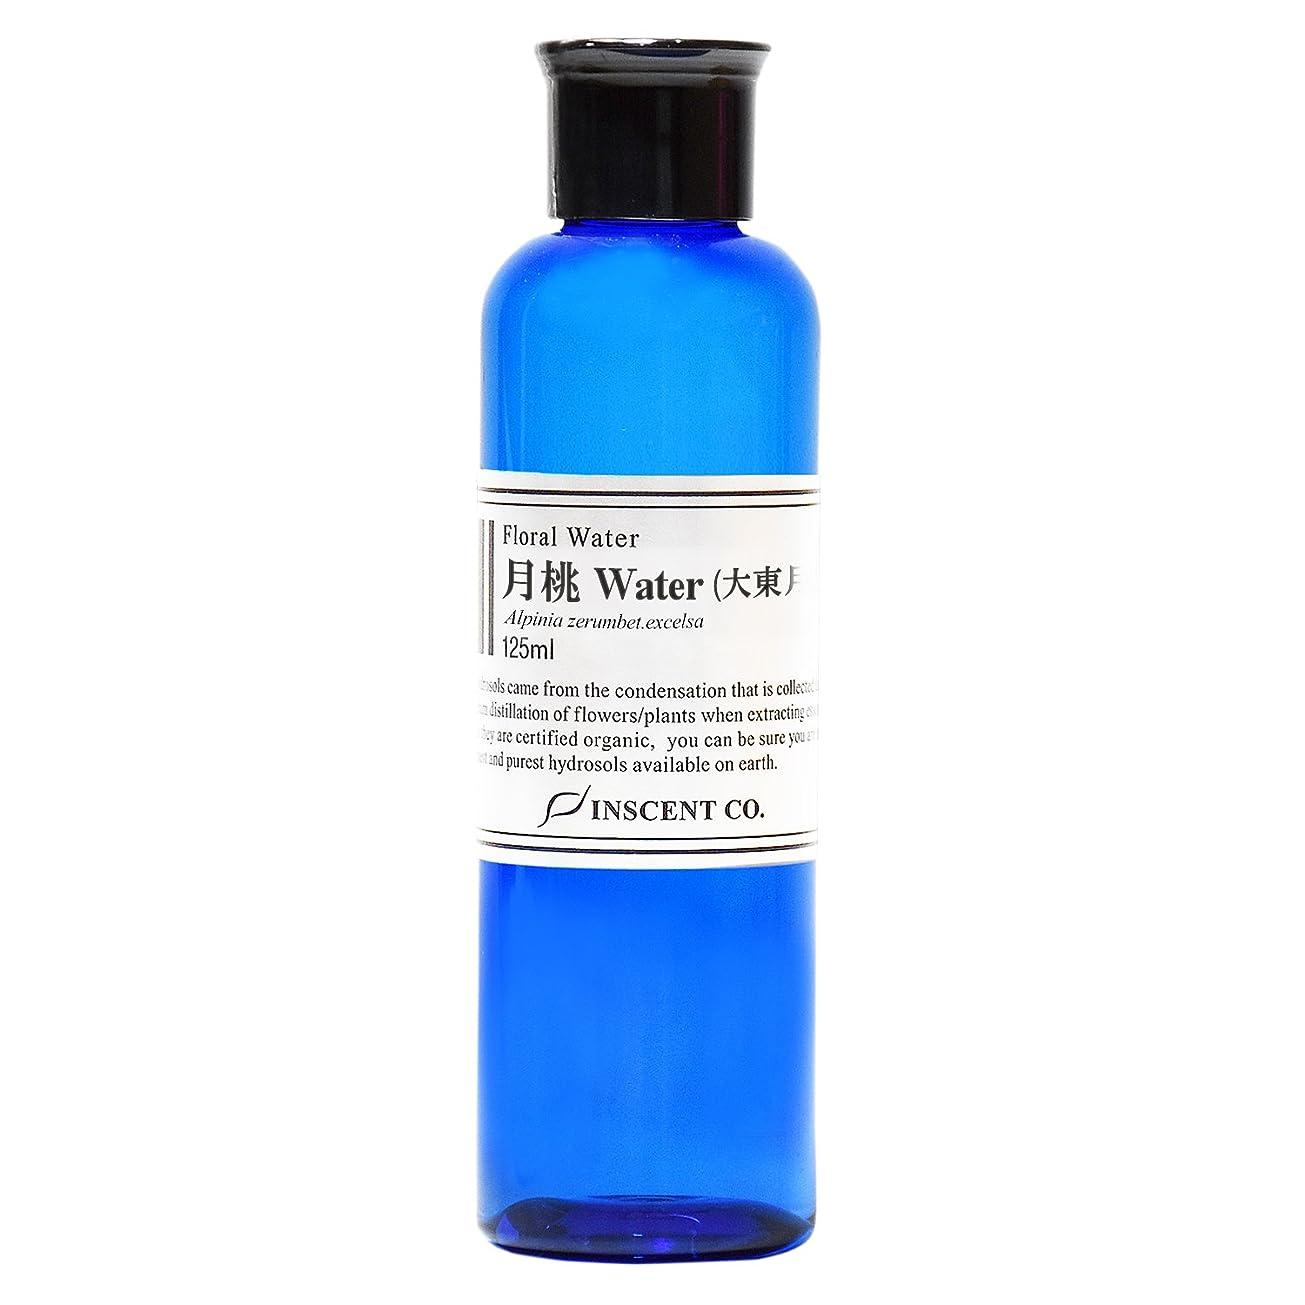 ガチョウ九月残基フローラルウォーター 月桃 (げっとう) ウォーター (月桃水) 125ml (ハイドロゾル/芳香蒸留水) ※月桃独特の薬草が焦げたような香りがあります。